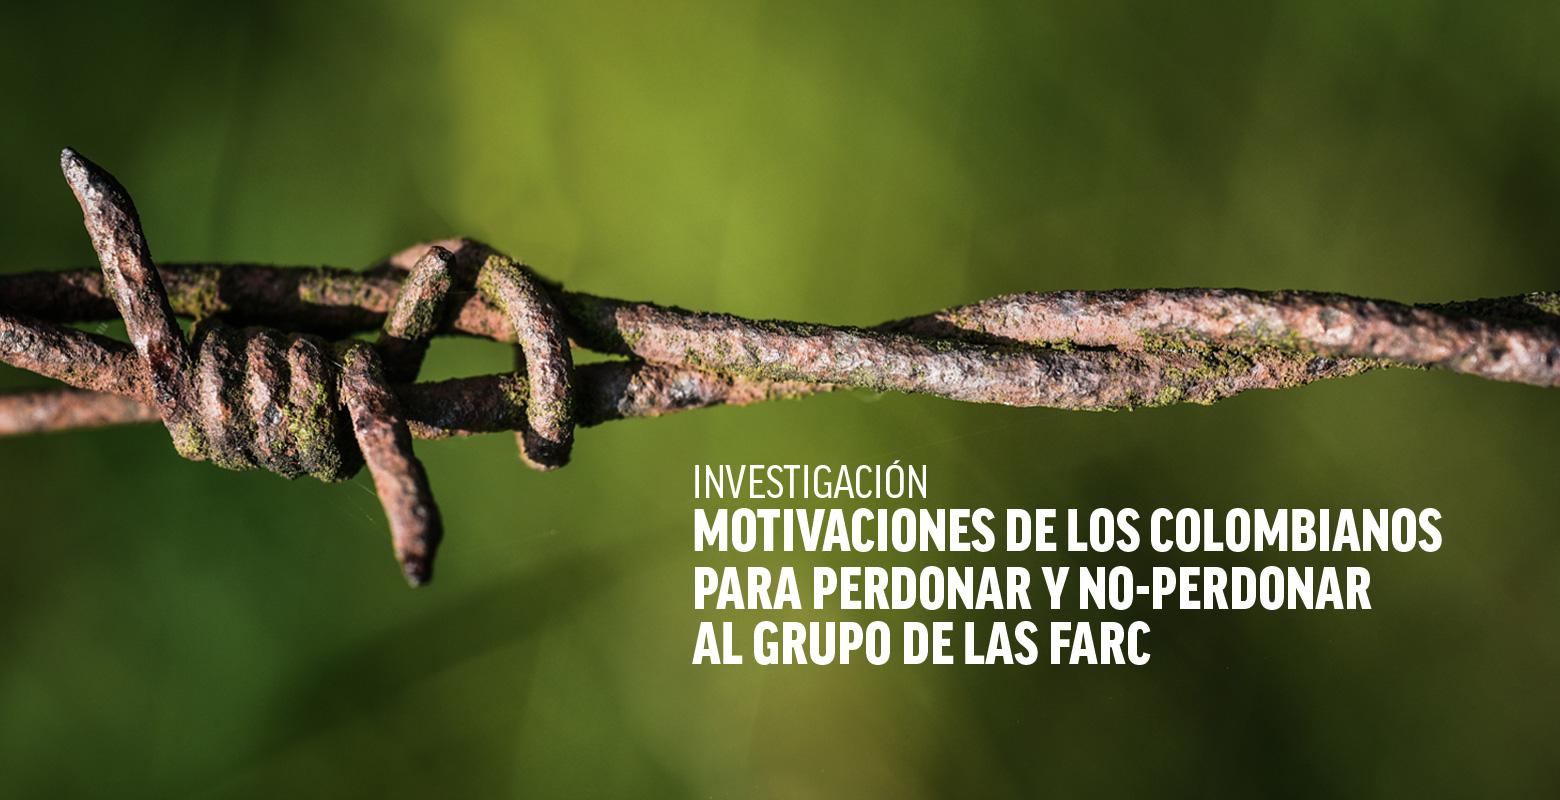 Investigación: Motivaciones de los colombianos para perdonar y no-perdonar al grupos de las Farc